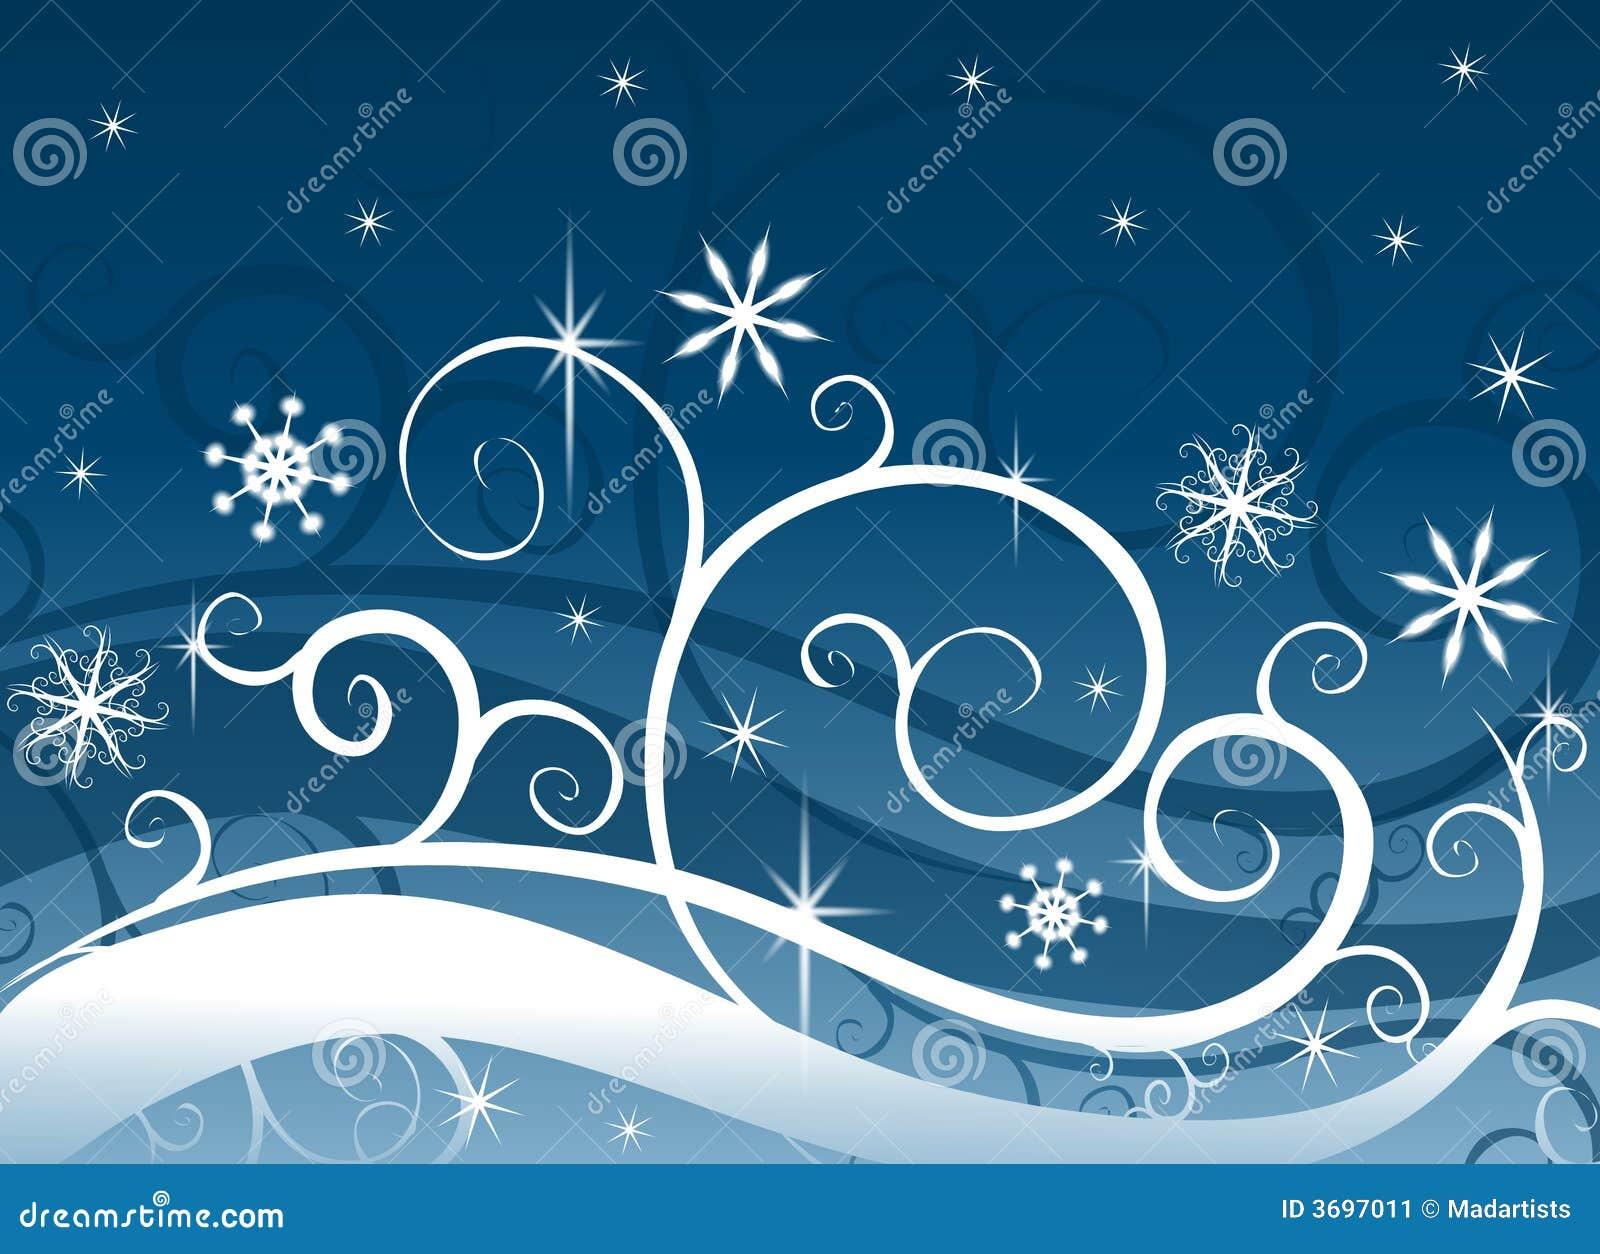 Blåa snowflakes övervintrar underland